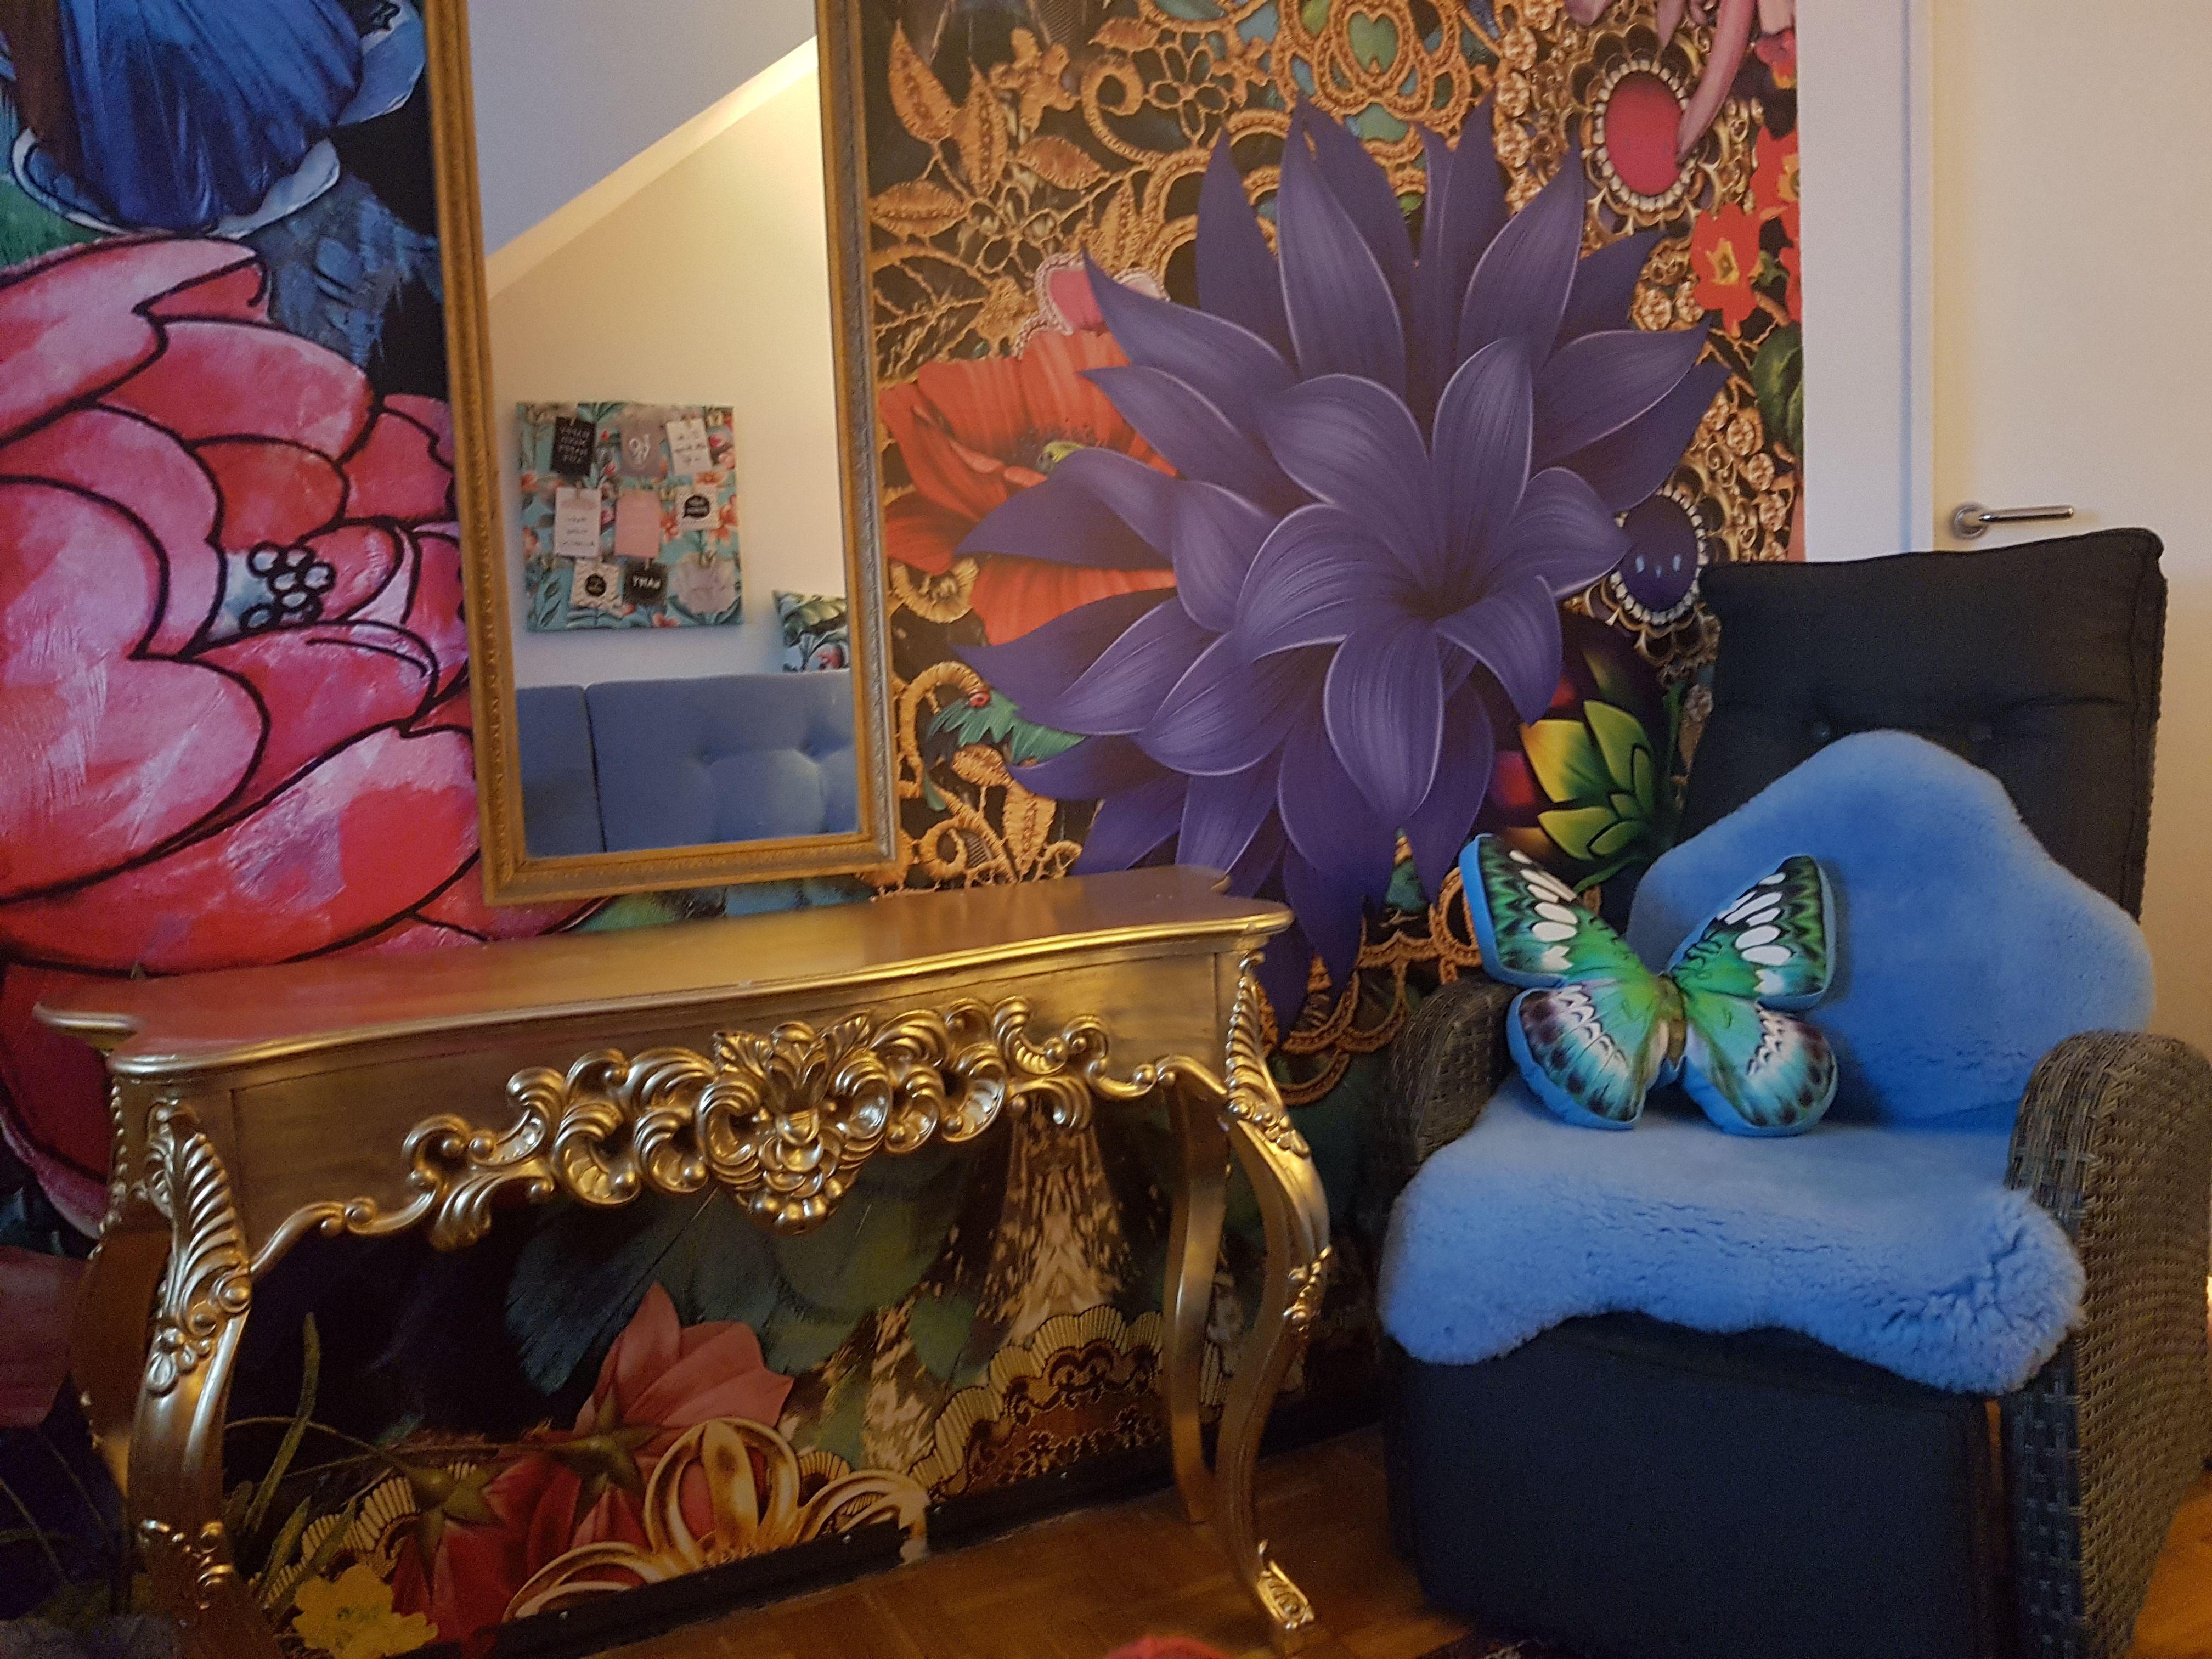 Mein Kleines Wohnzimmer Mit Melli Melli Kavena Tapete Kleines Wohnzimmer Wohnzimmer Tapeten